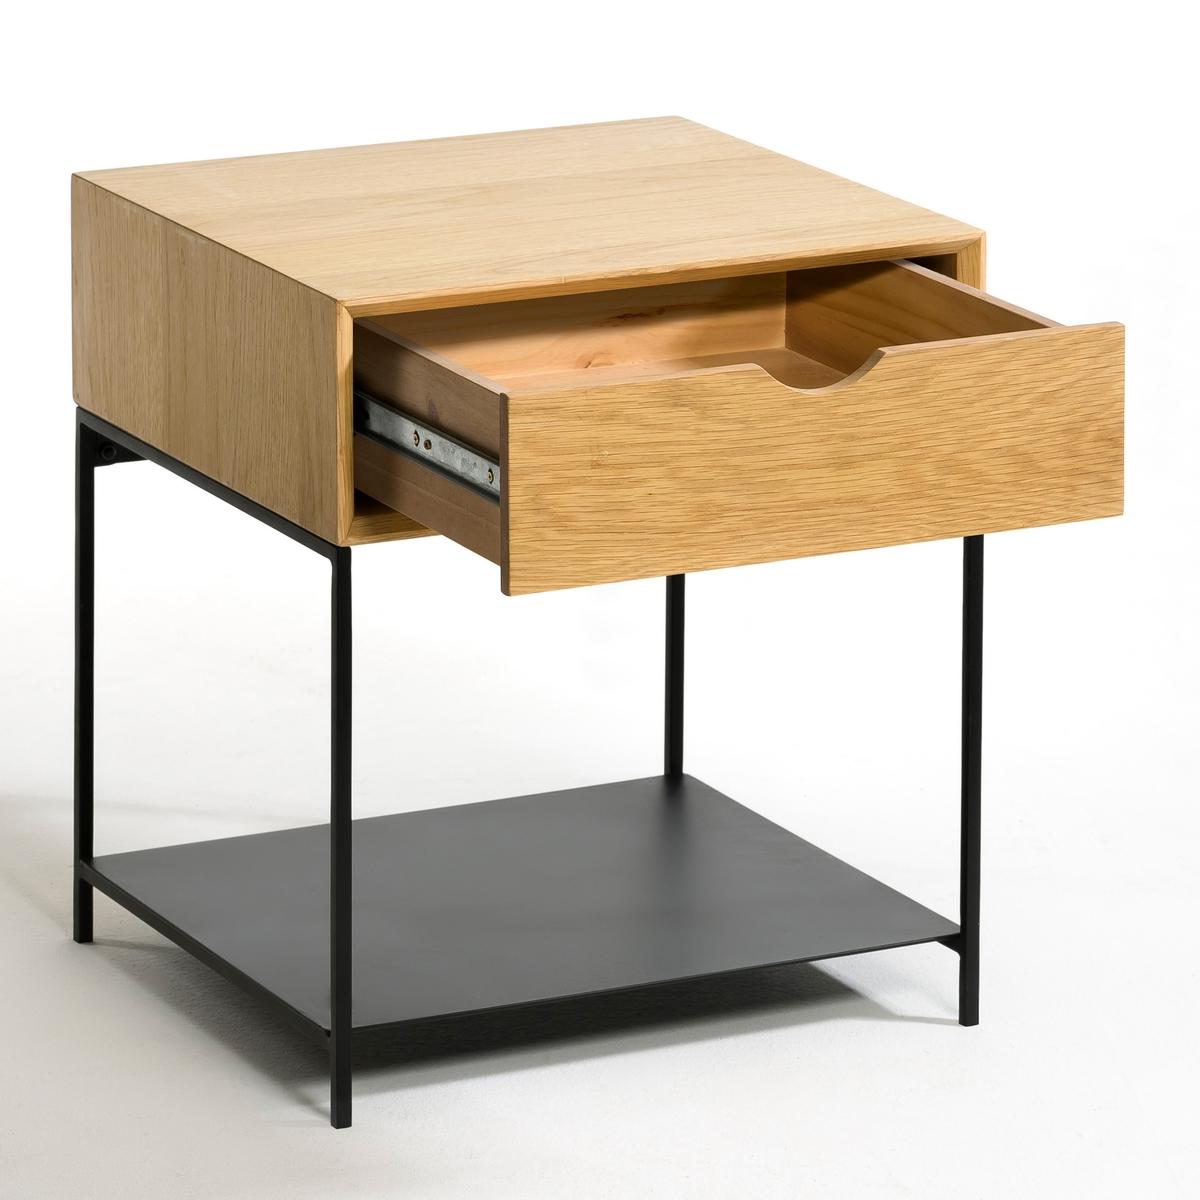 Столик прикроватный Mambo из дуба столик прикроватный в винтажном стиле jimi